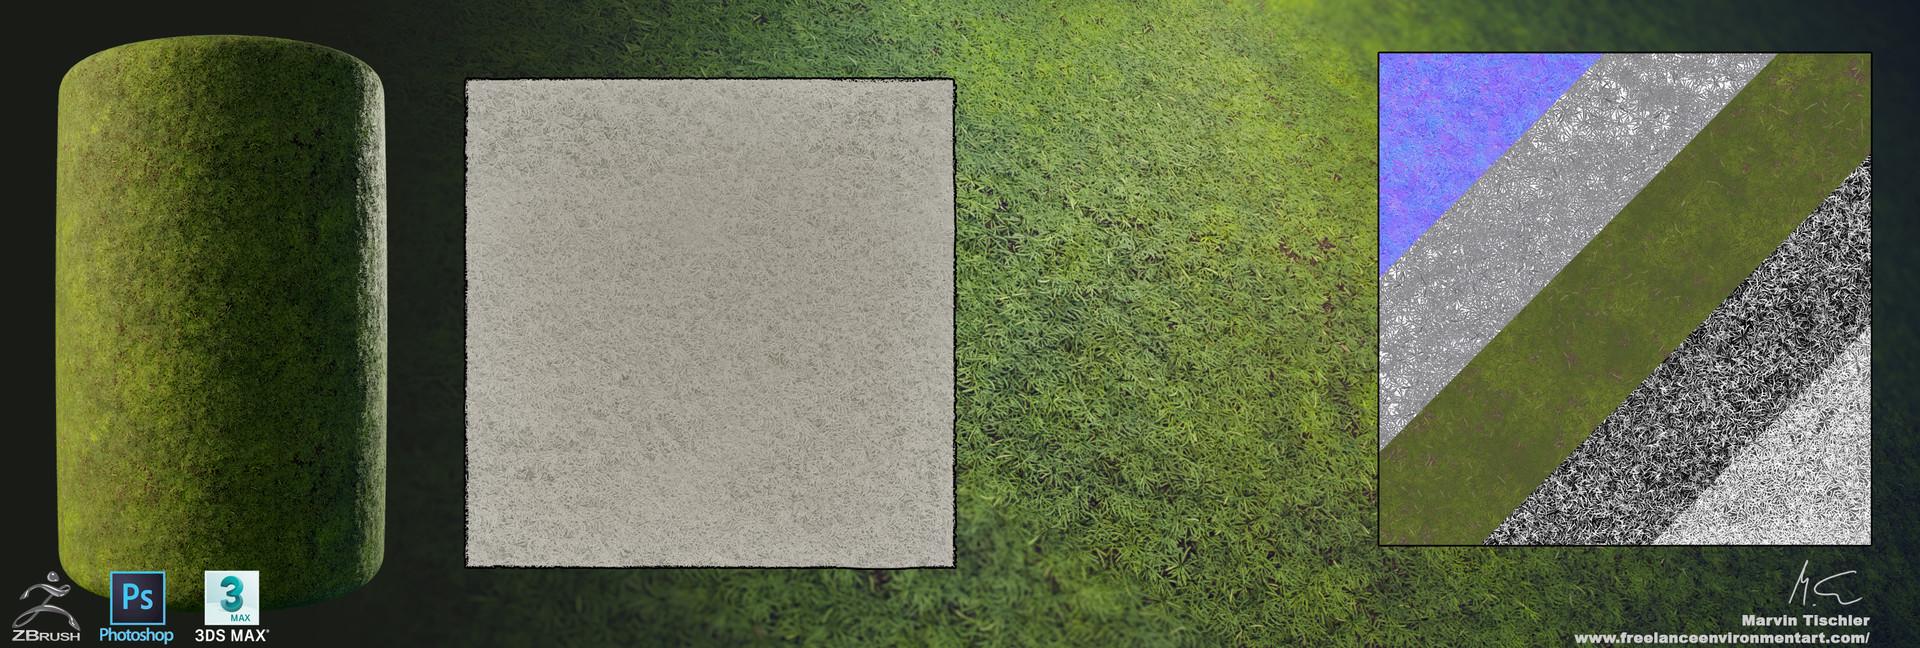 Marvin tischler textures 002 k